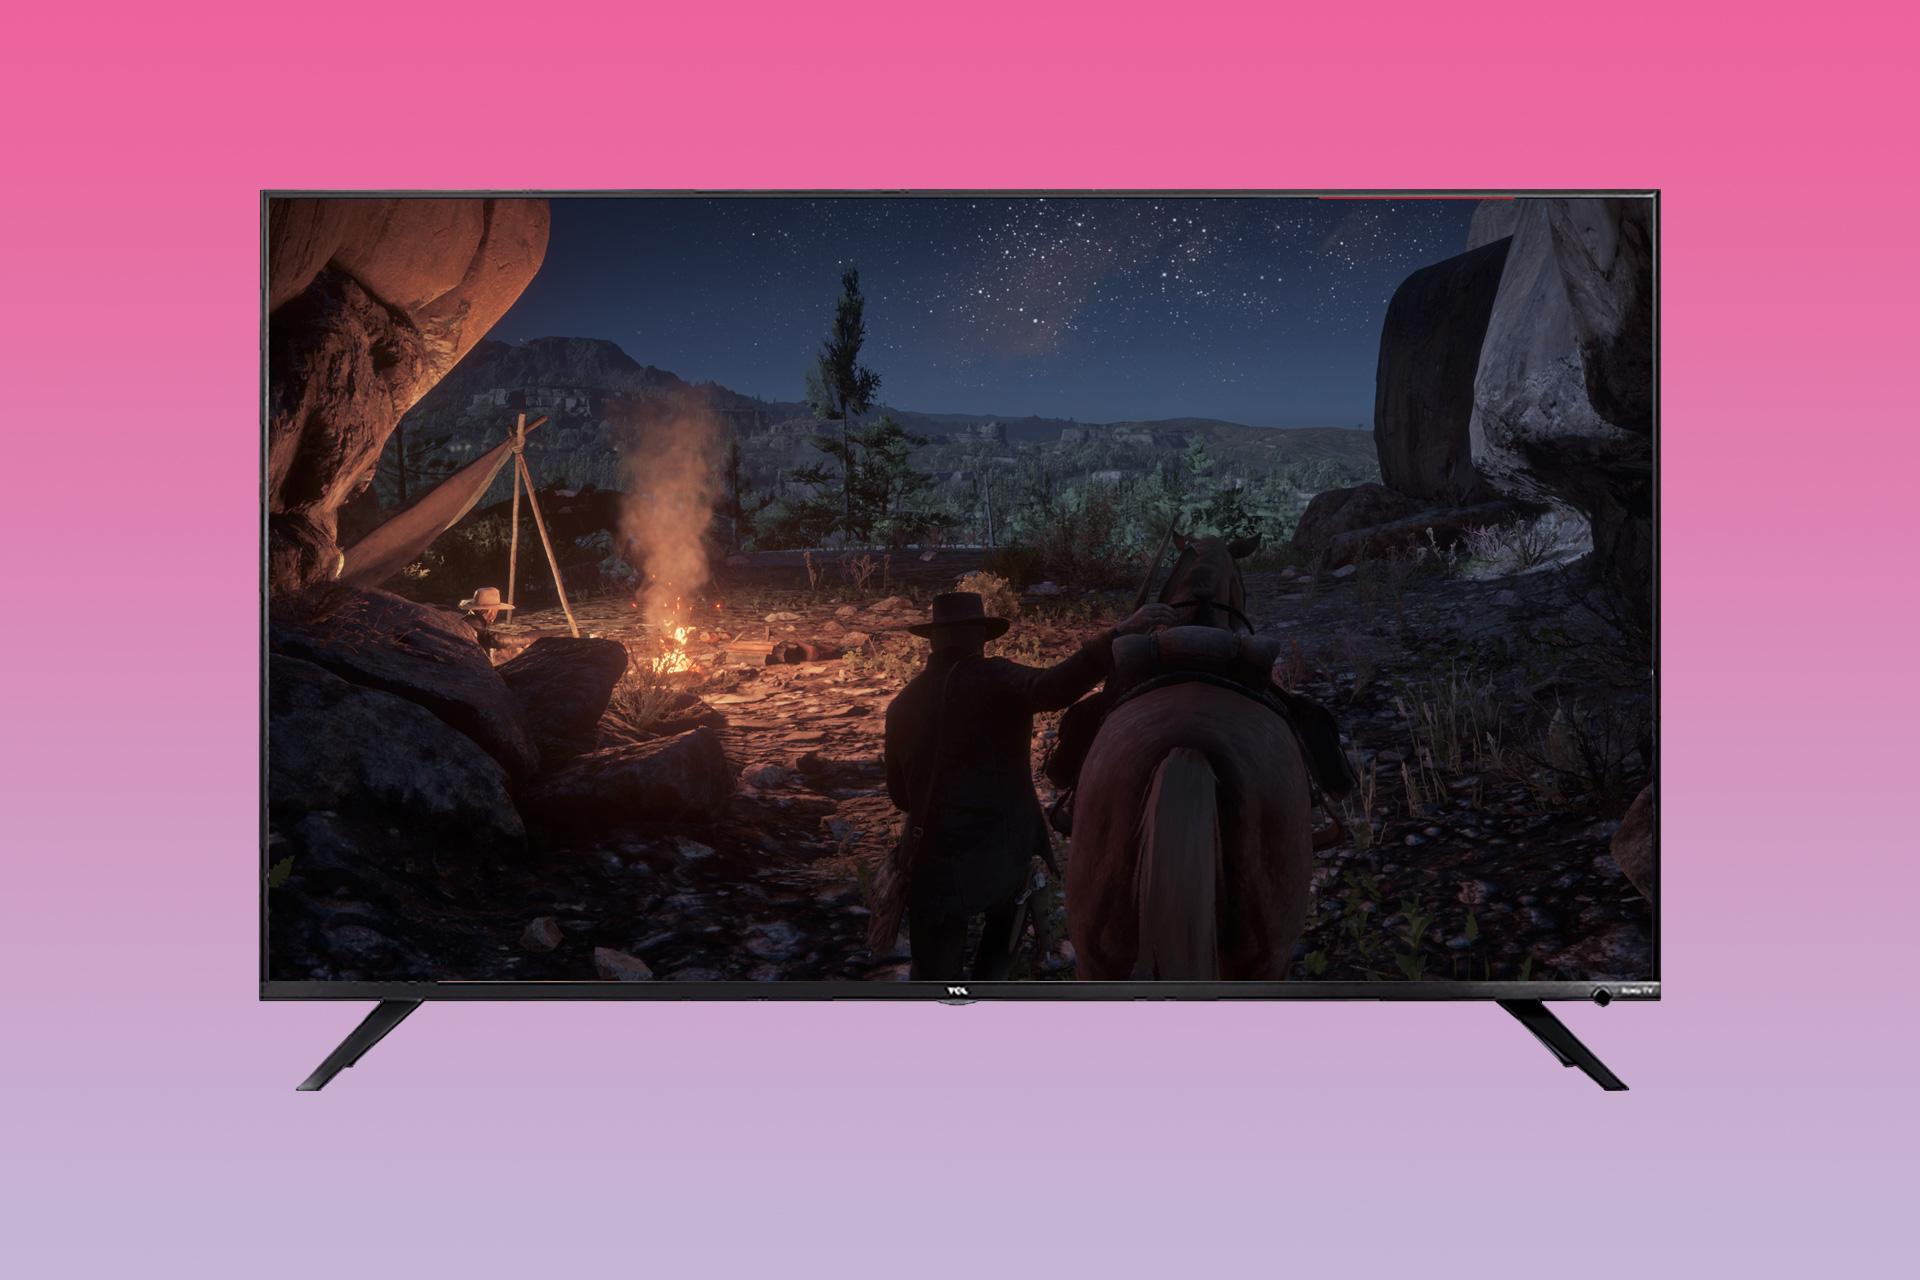 The best 4K TV under $1,000